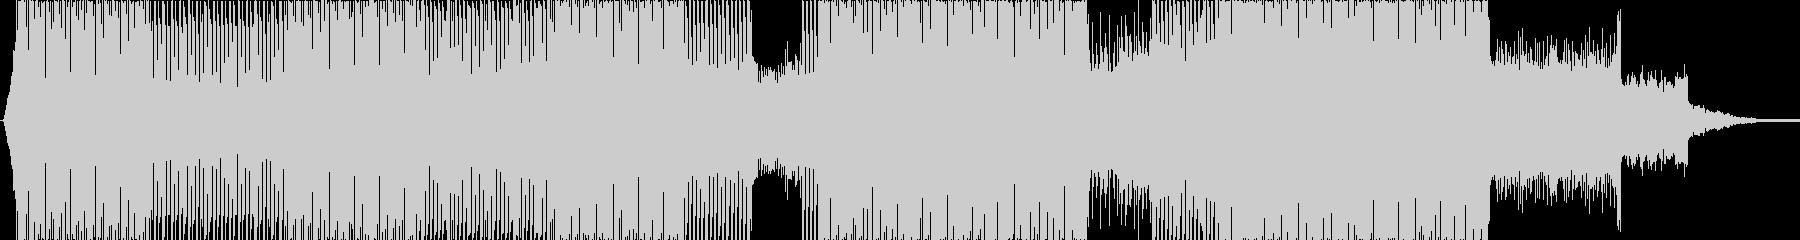 リズミカルなエレクトロ の未再生の波形